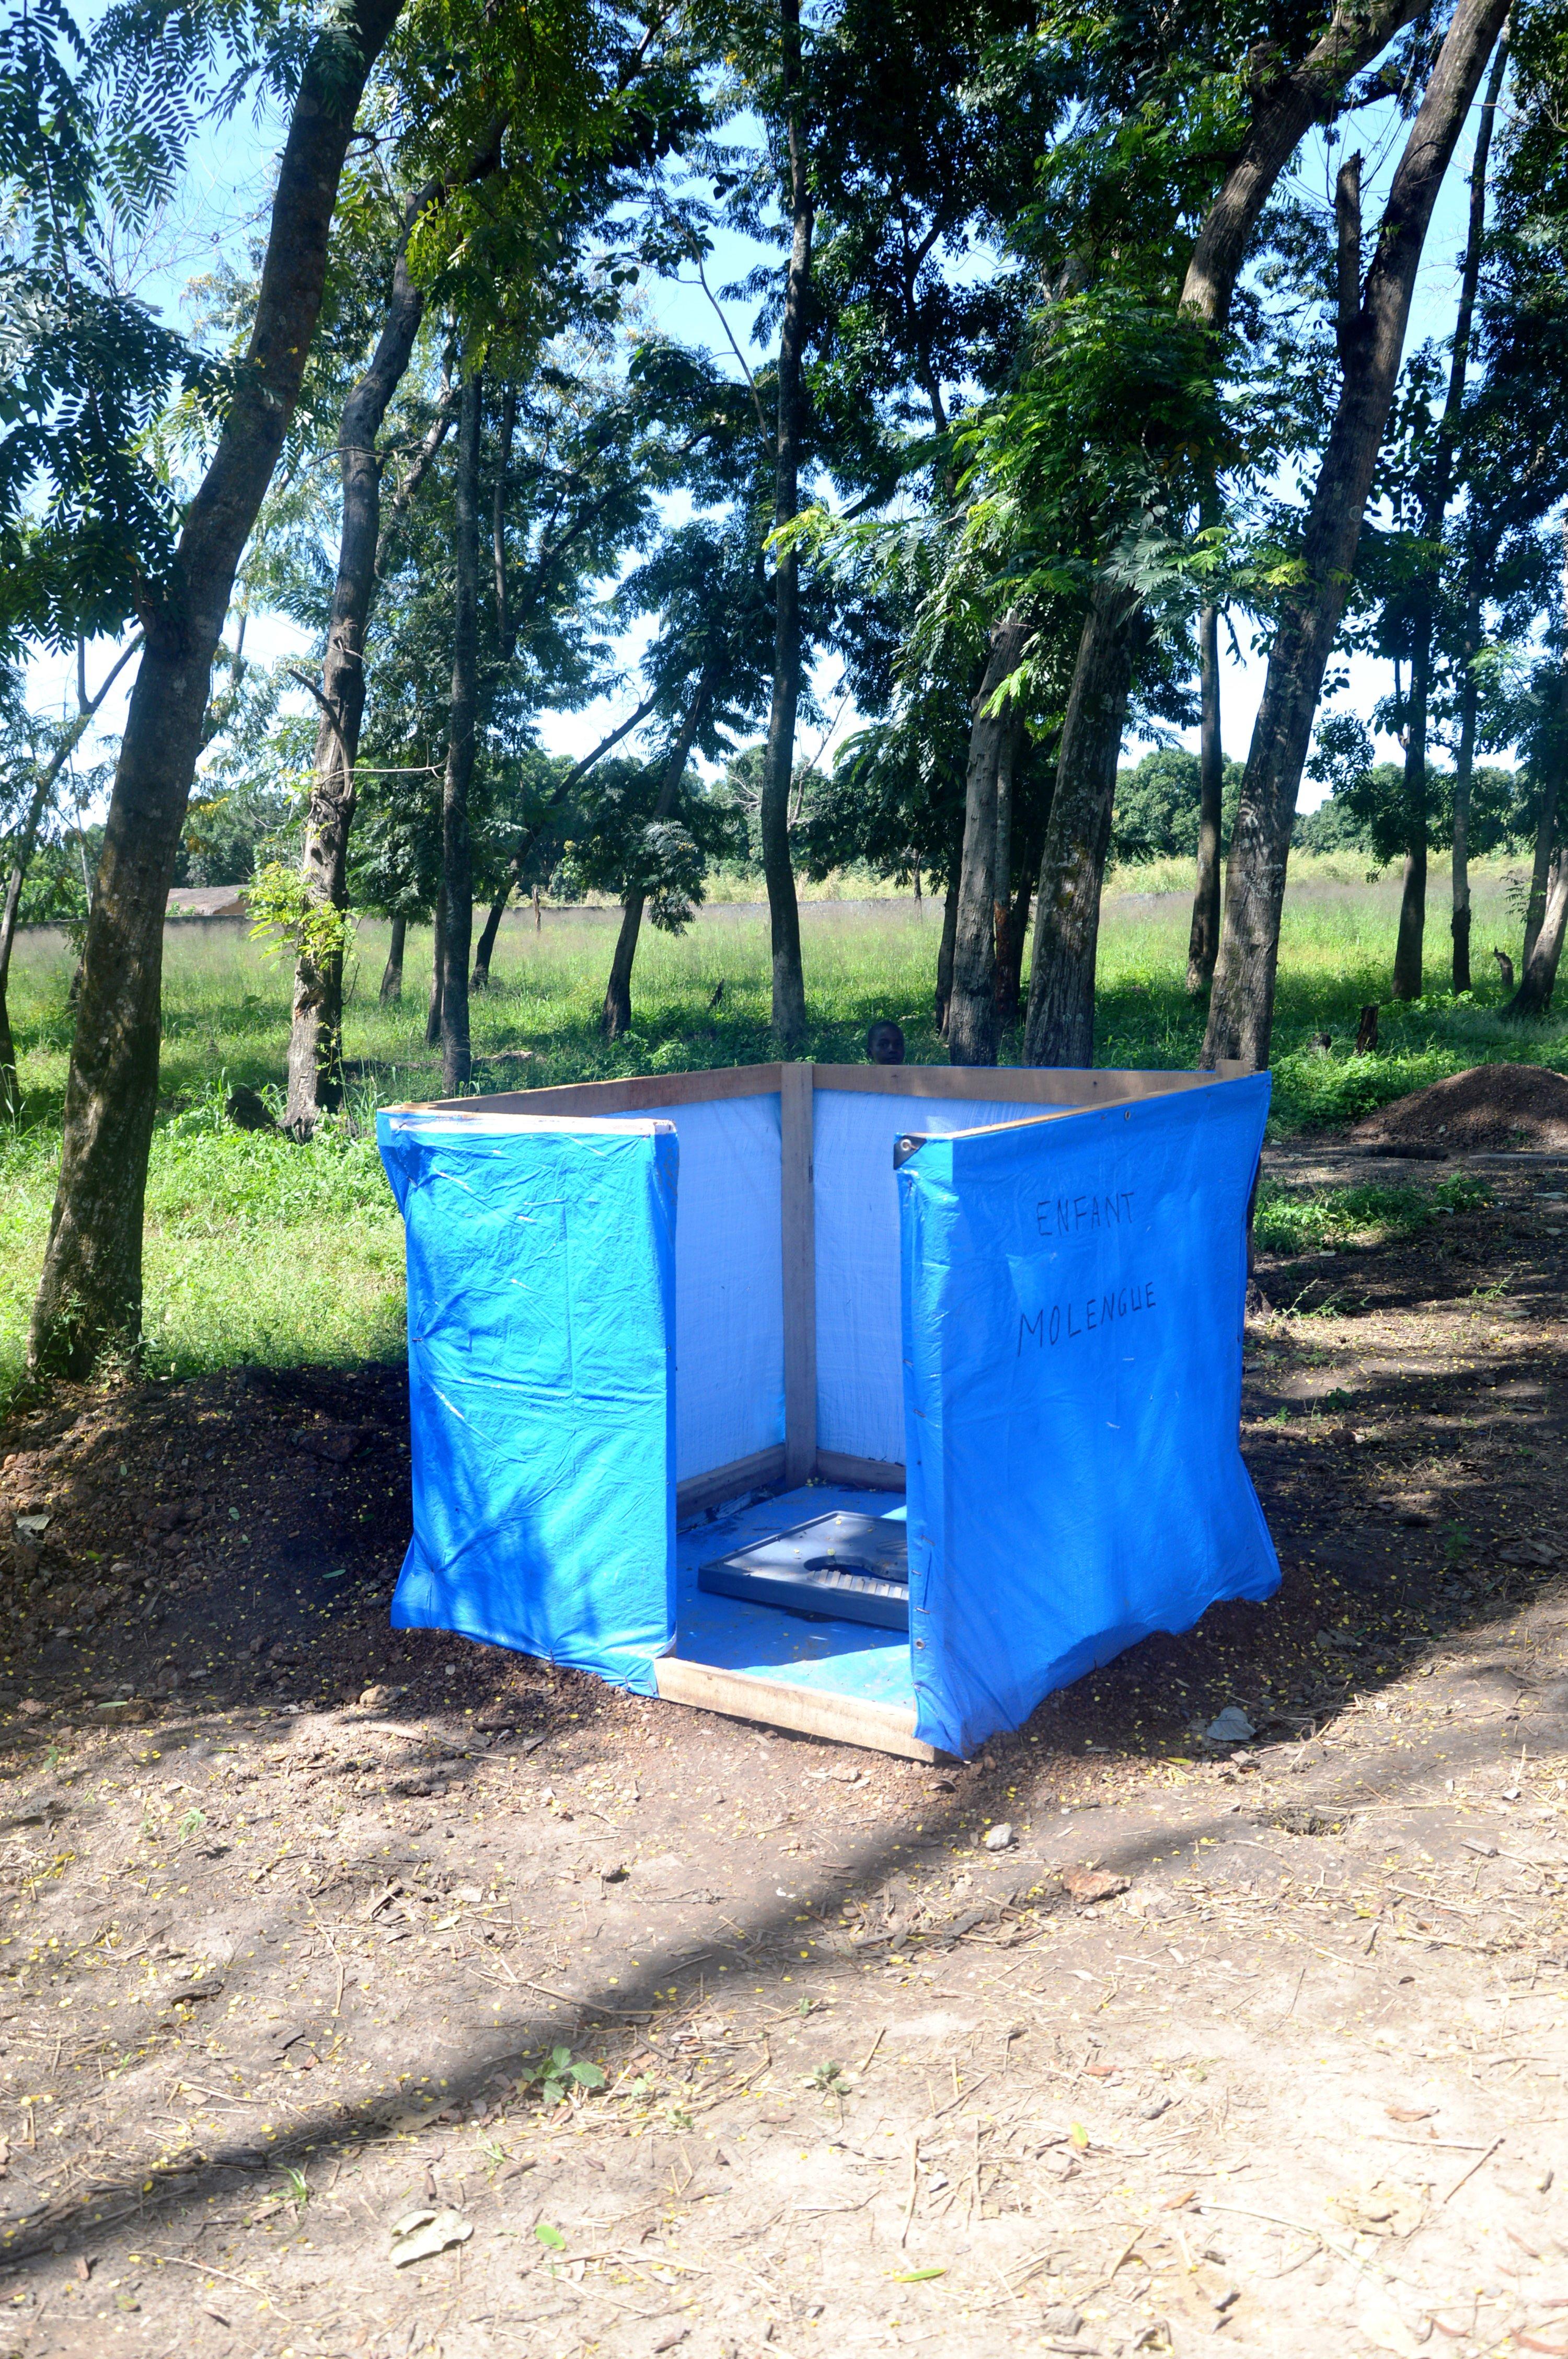 Latrine for children in Bossangoa, Central African Republic. Photo: Virginie Le Masson/ODI